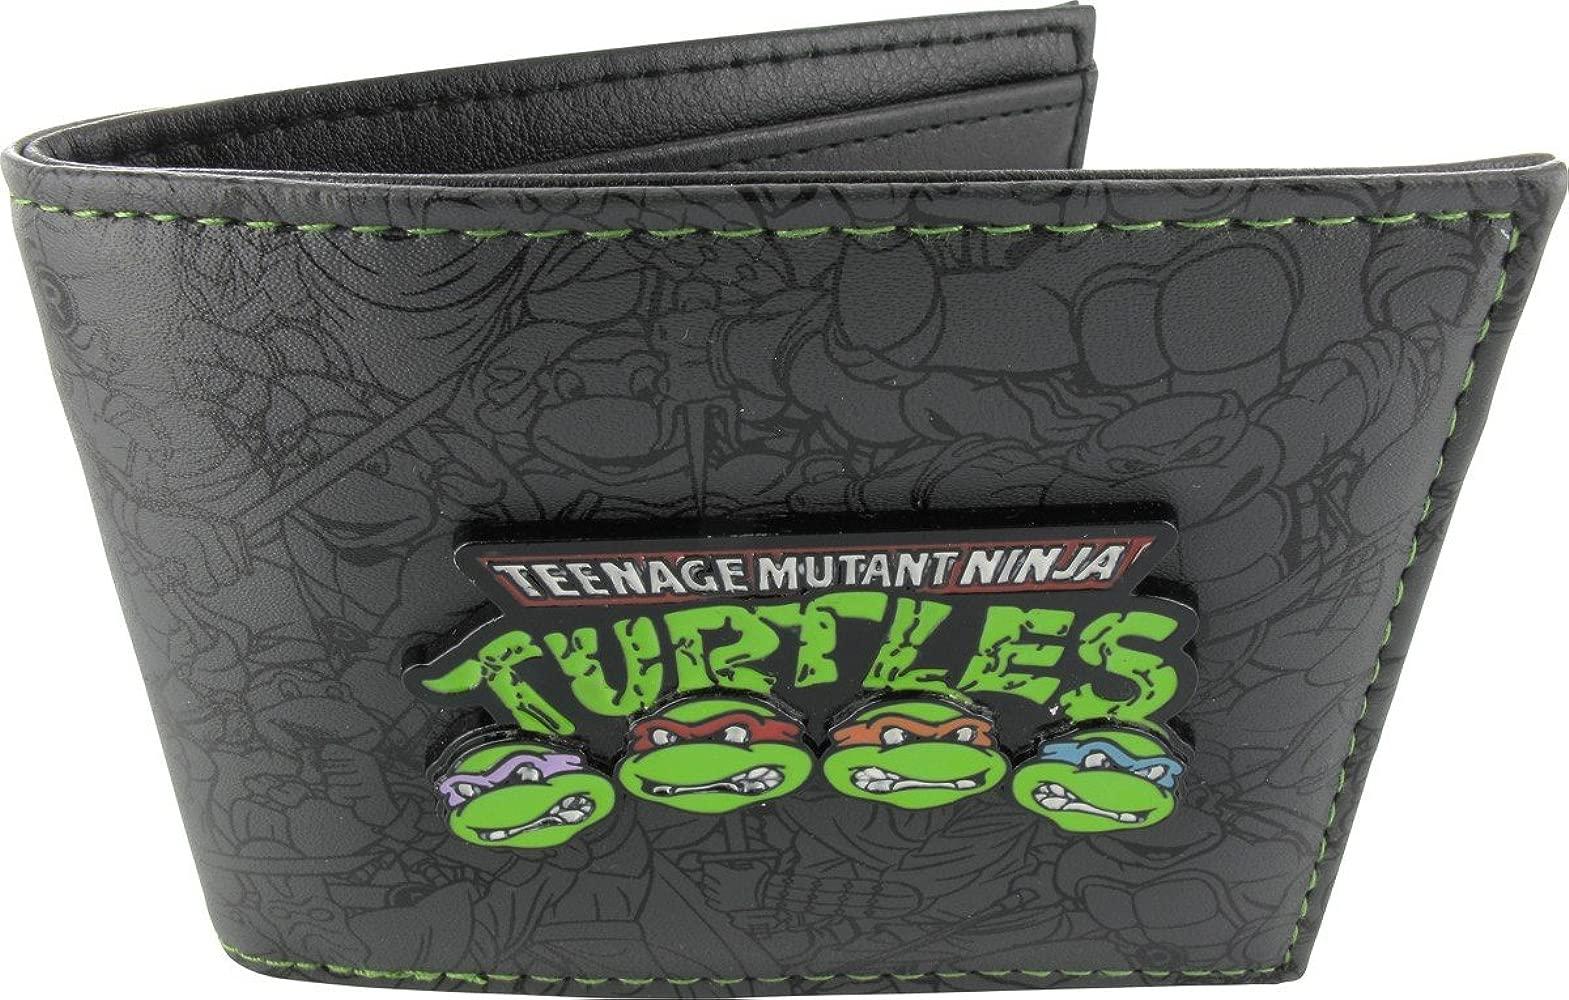 Teenage Mutant Ninja Turtles Group Billetera Plegable ...